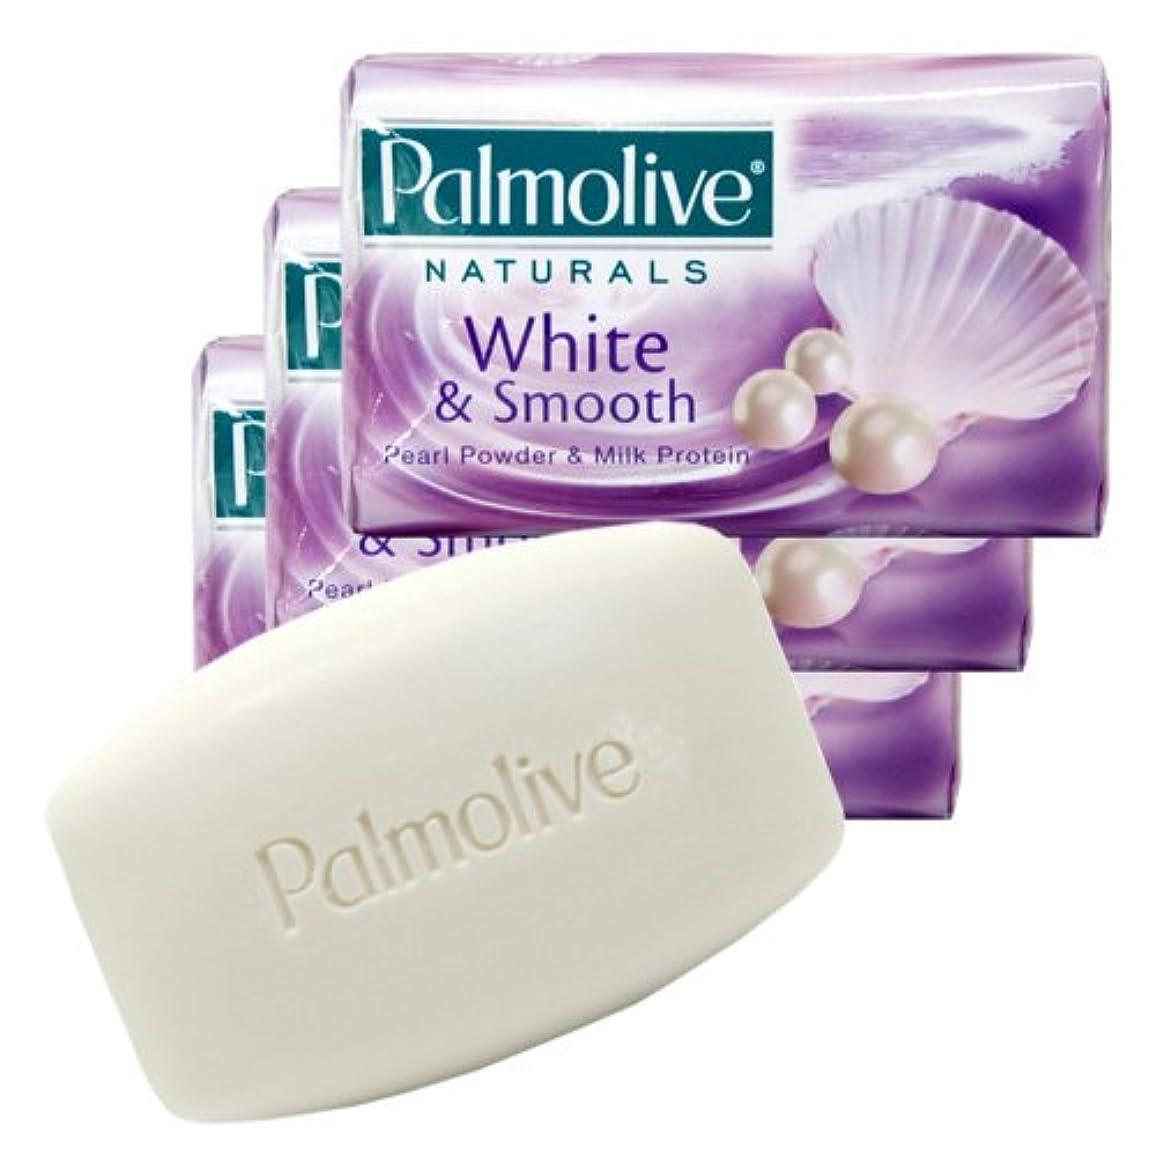 興奮昇るゴール【Palmolive】パルモリーブ ナチュラルズ石鹸3個パック ホワイト&スムース(パールパウダー&ミルクプロテイン)80g×3